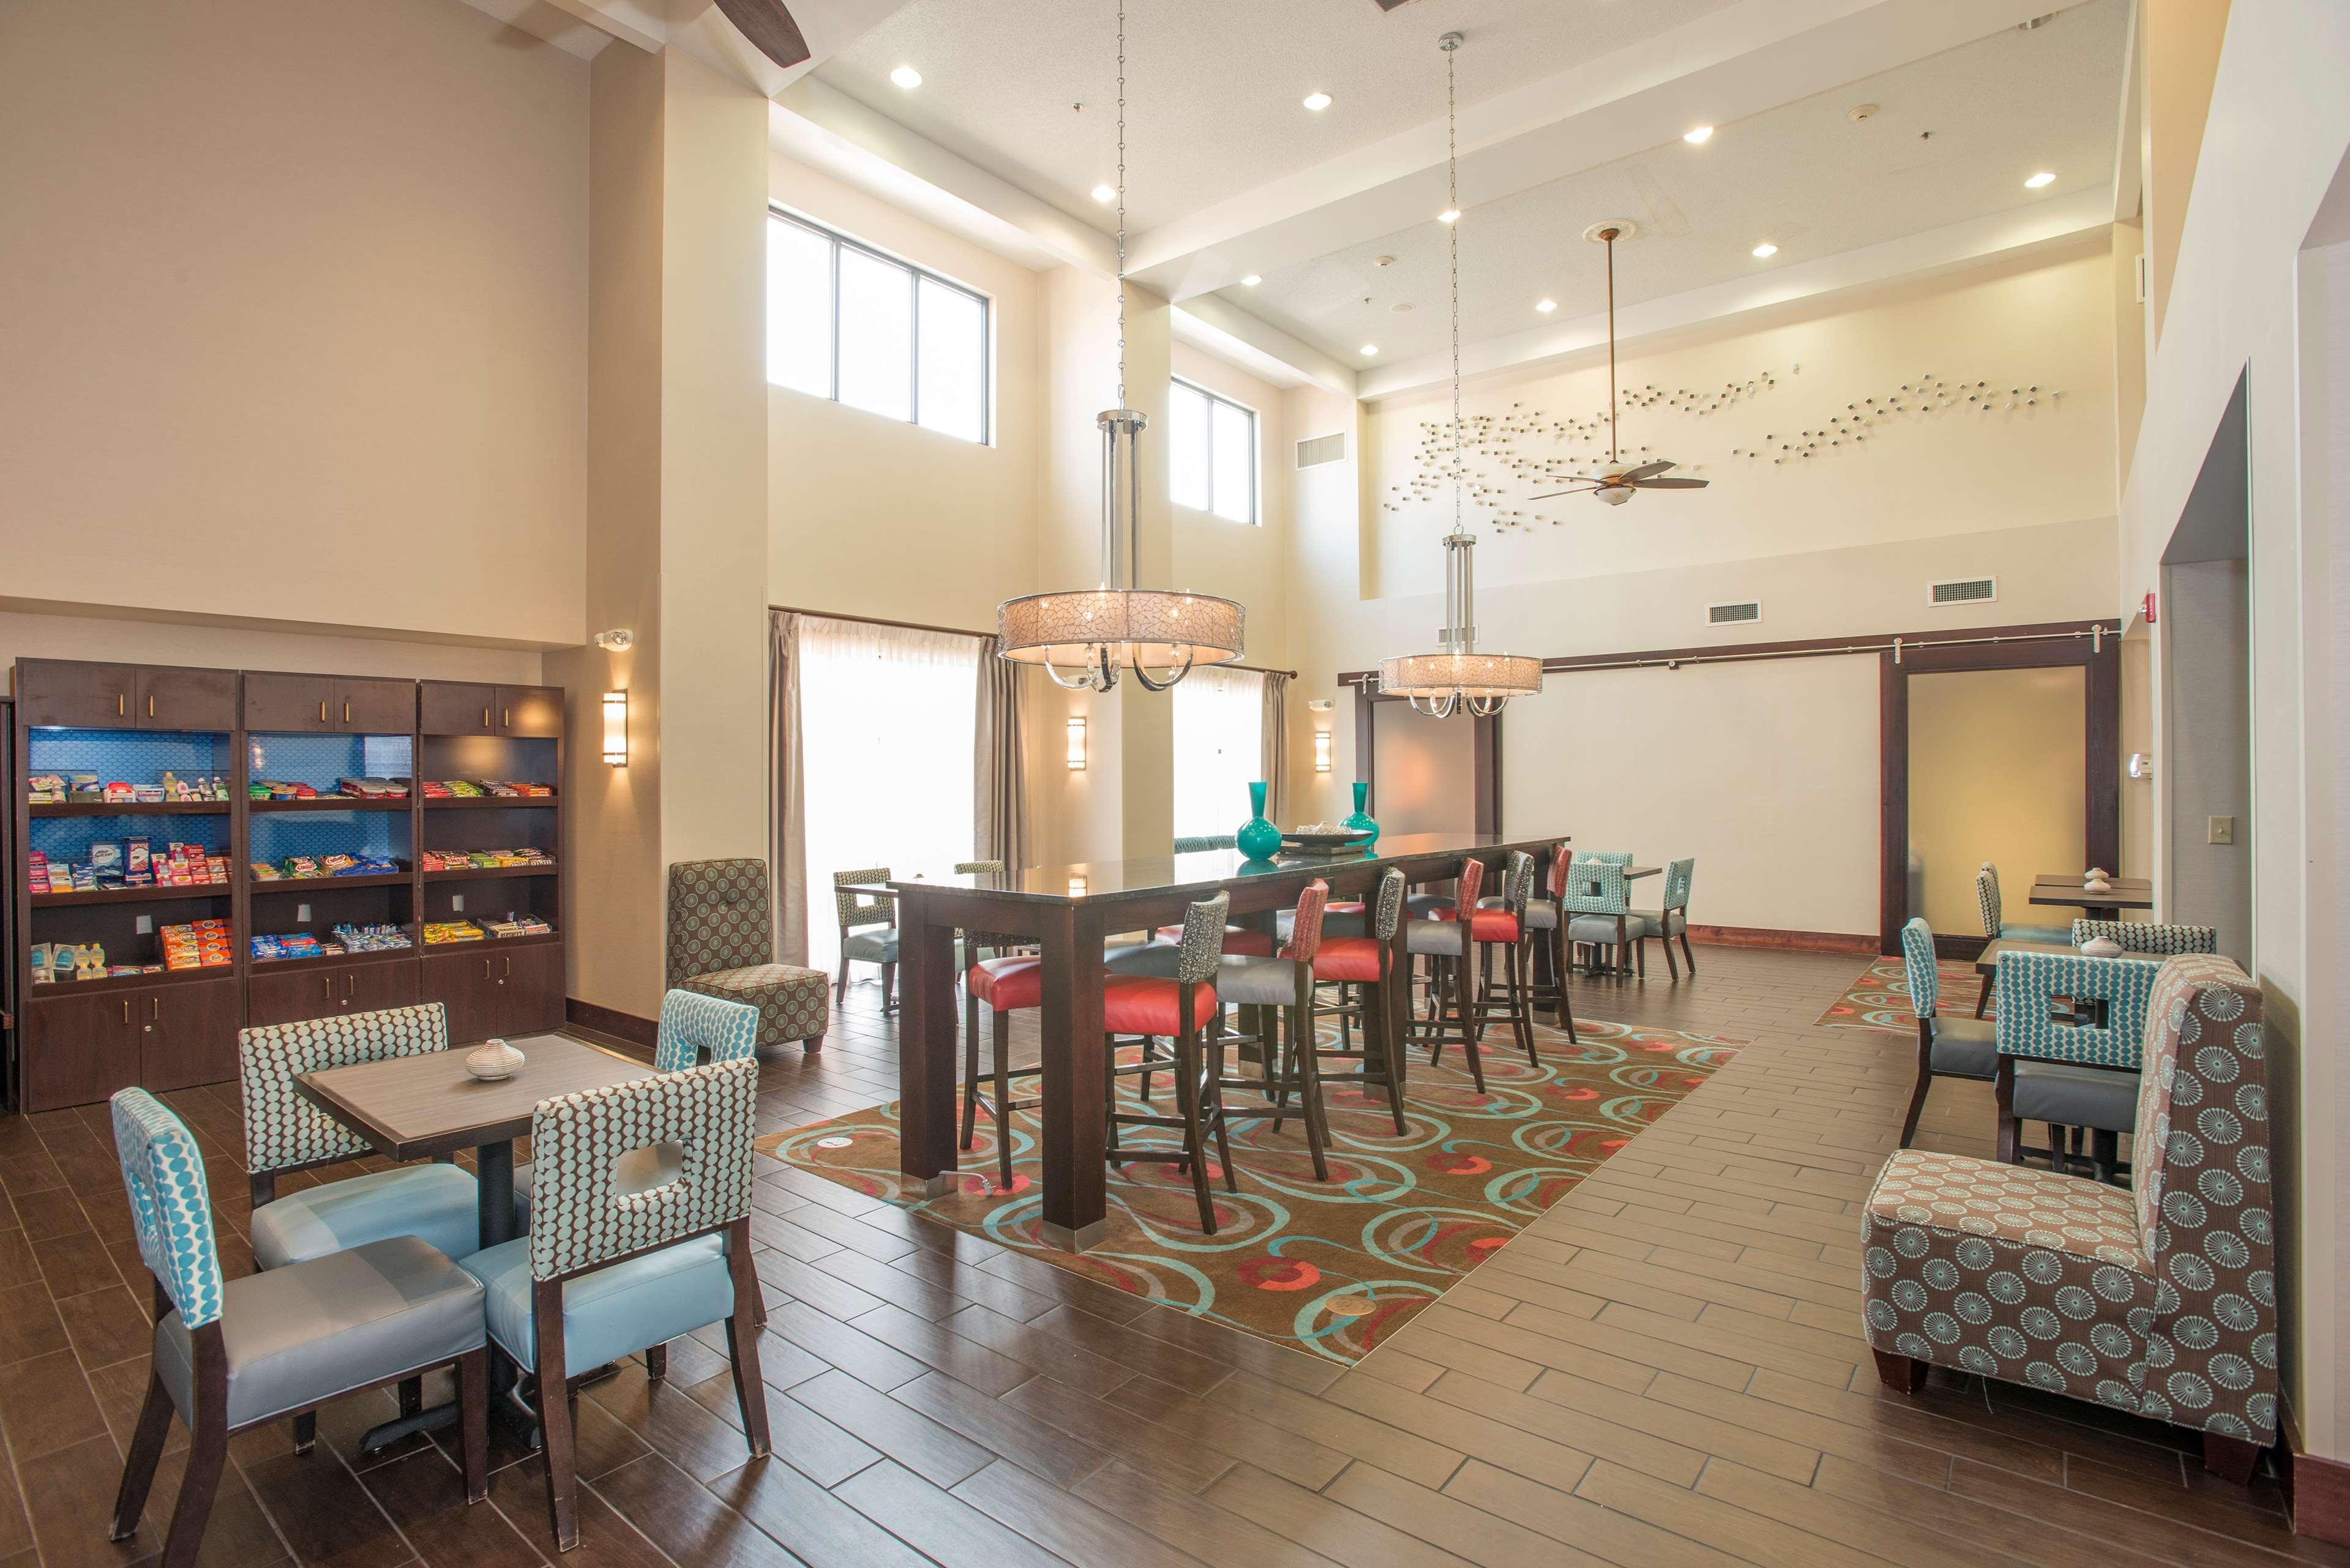 Hampton Inn & Suites Dayton-Airport image 4